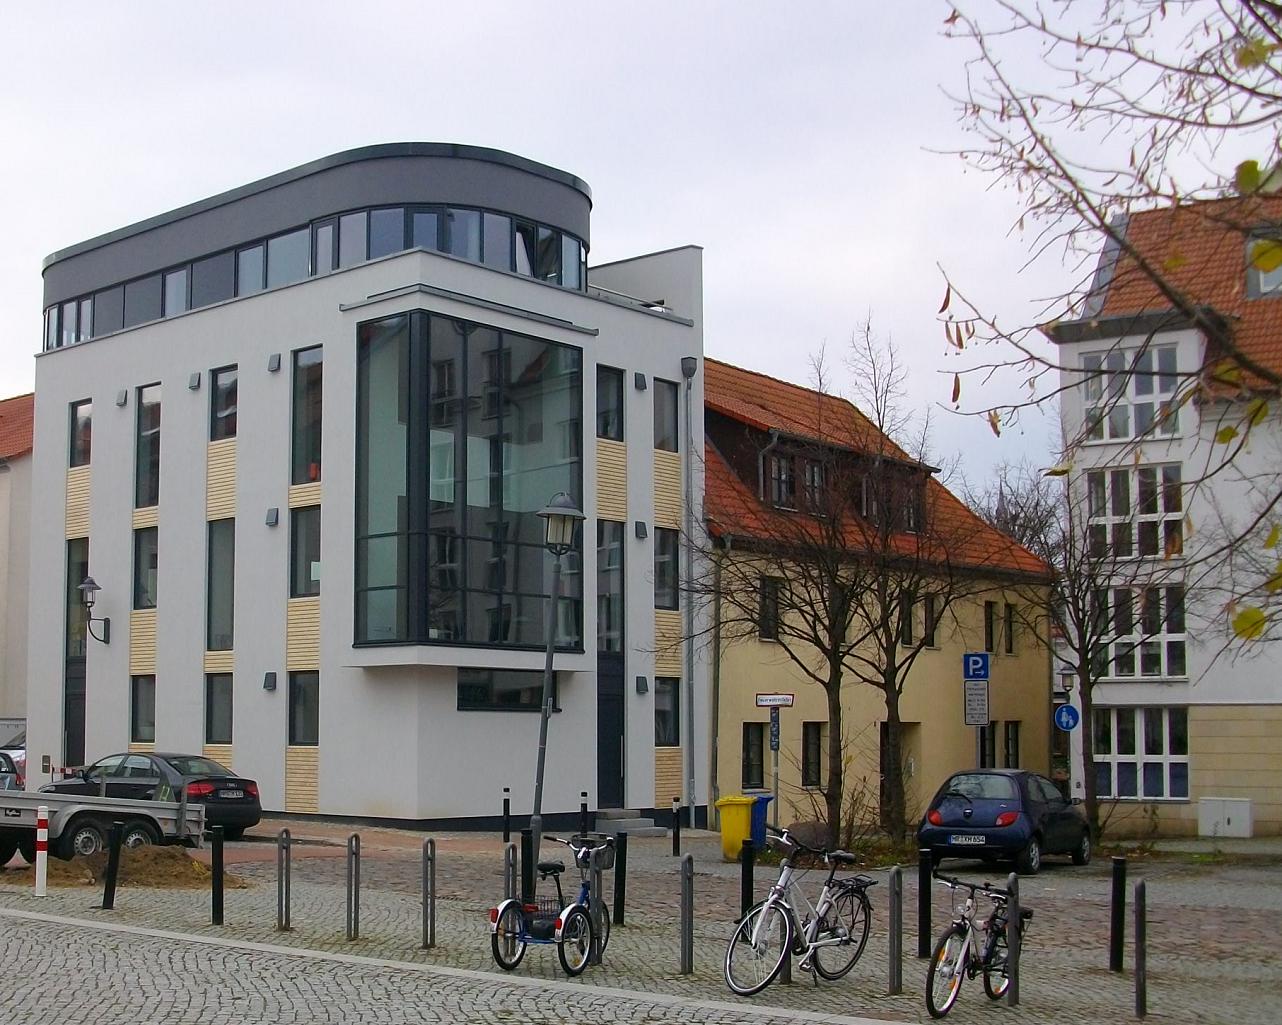 Rostock Alter Markt